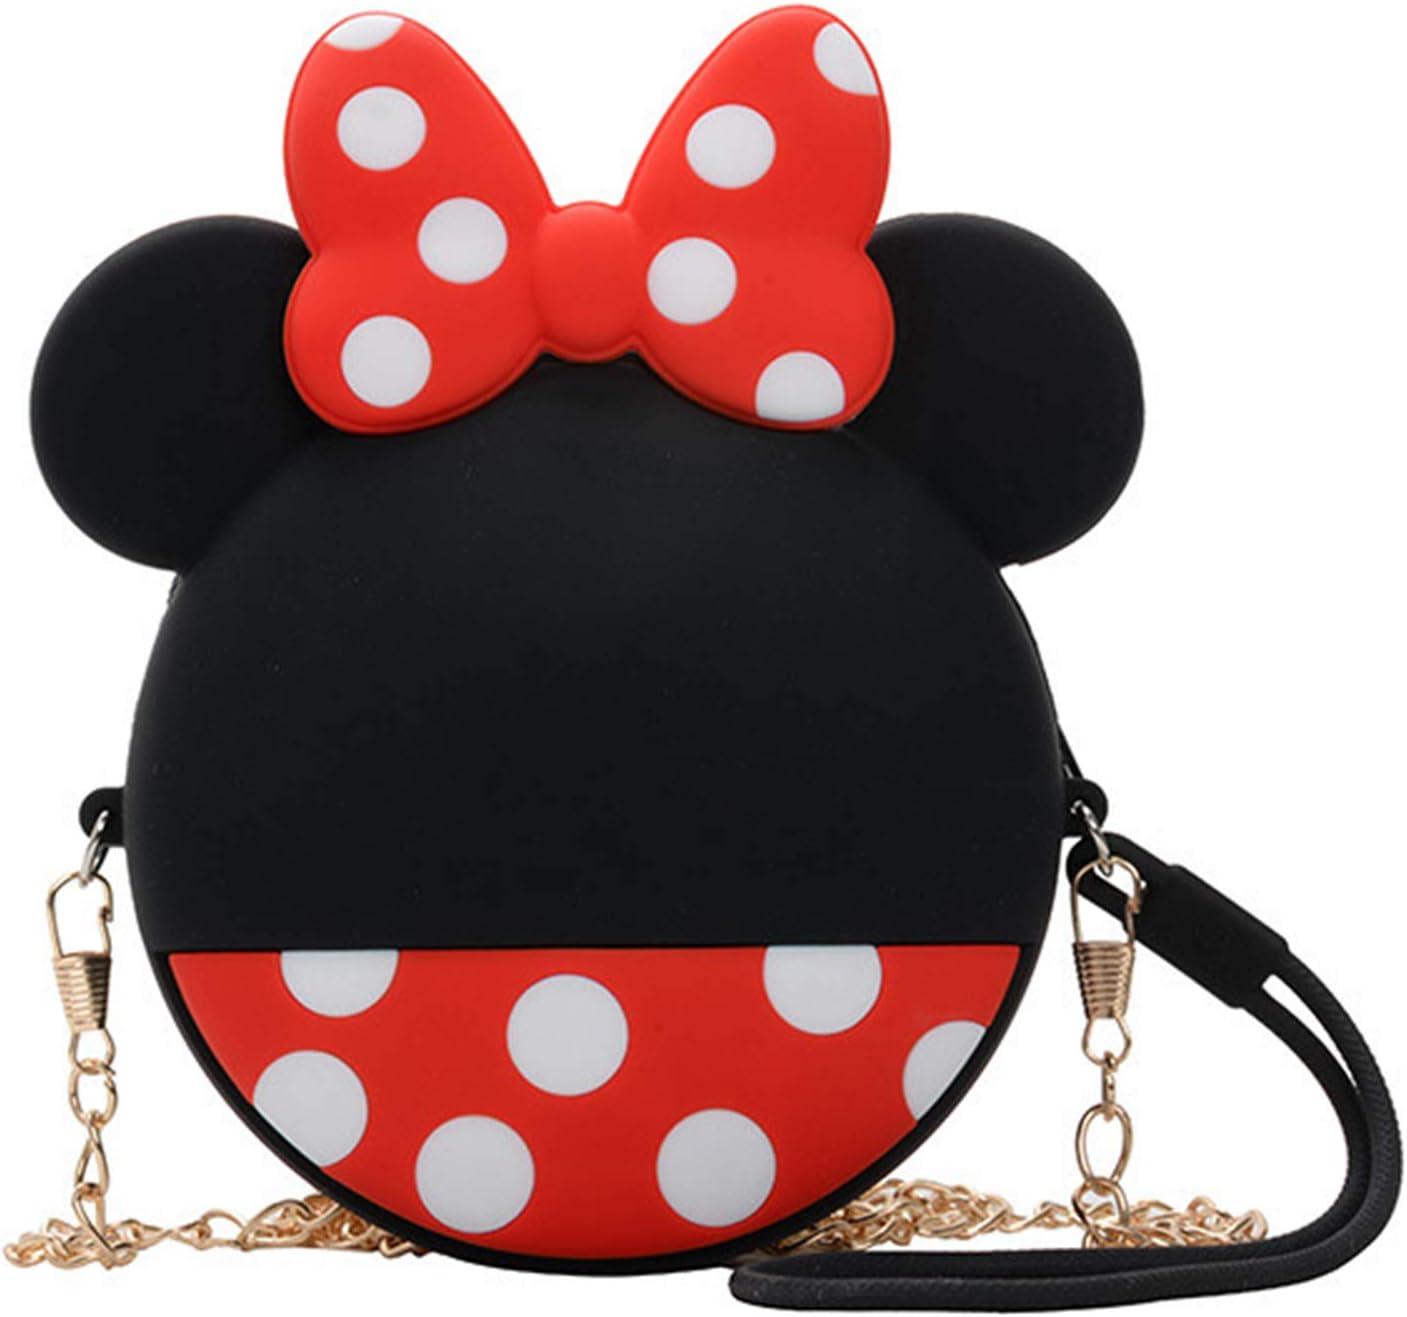 Portamonete per Bambina Minnie Mouse Mini Borsa Portafoglio per Regalo Festa Compleanno